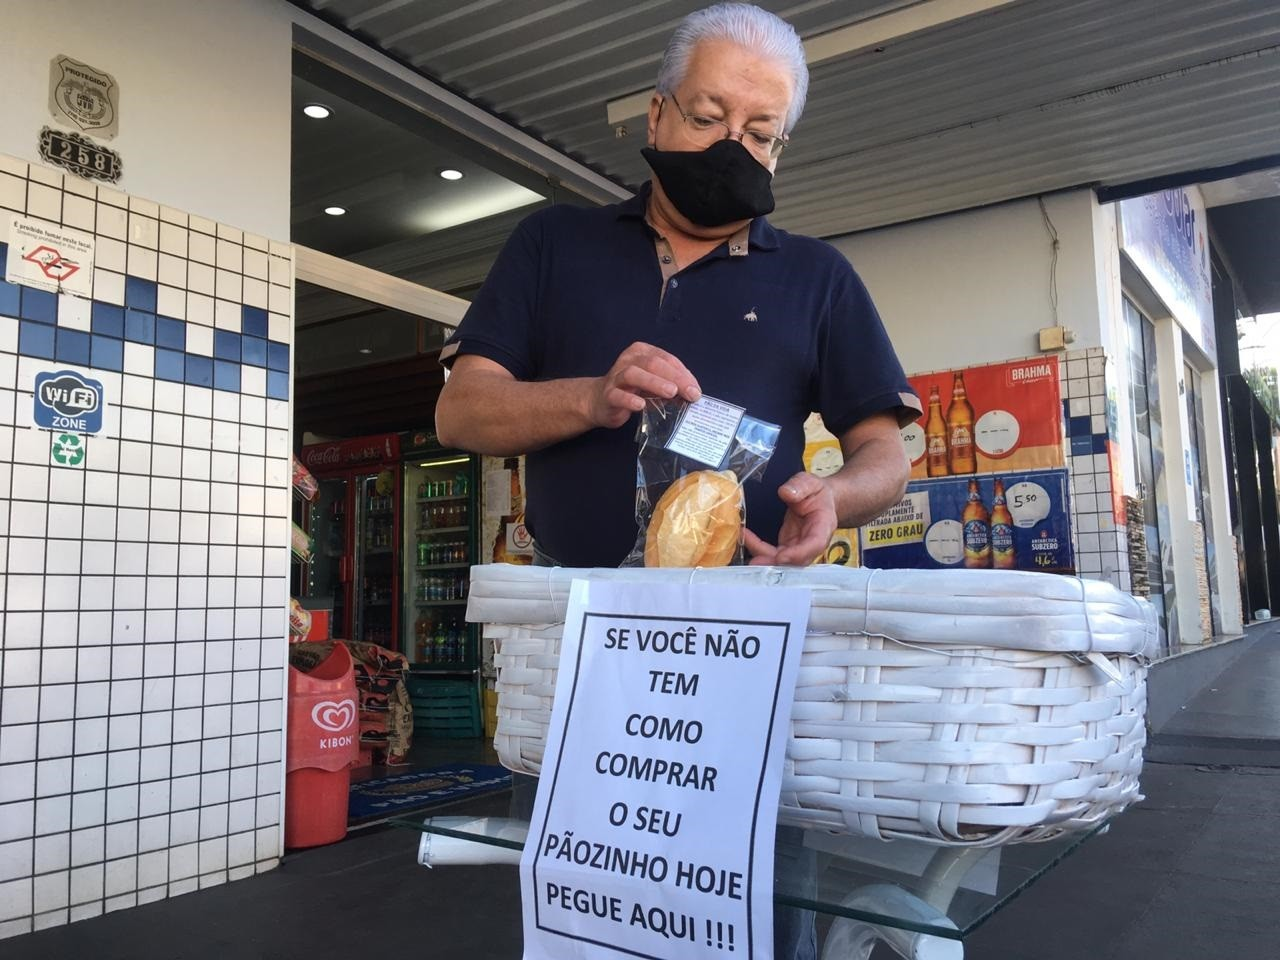 Gesto de solidariedade doa pão e fé para alimentar o corpo e a alma de pessoas necessitadas durante a pandemia da Covid-19